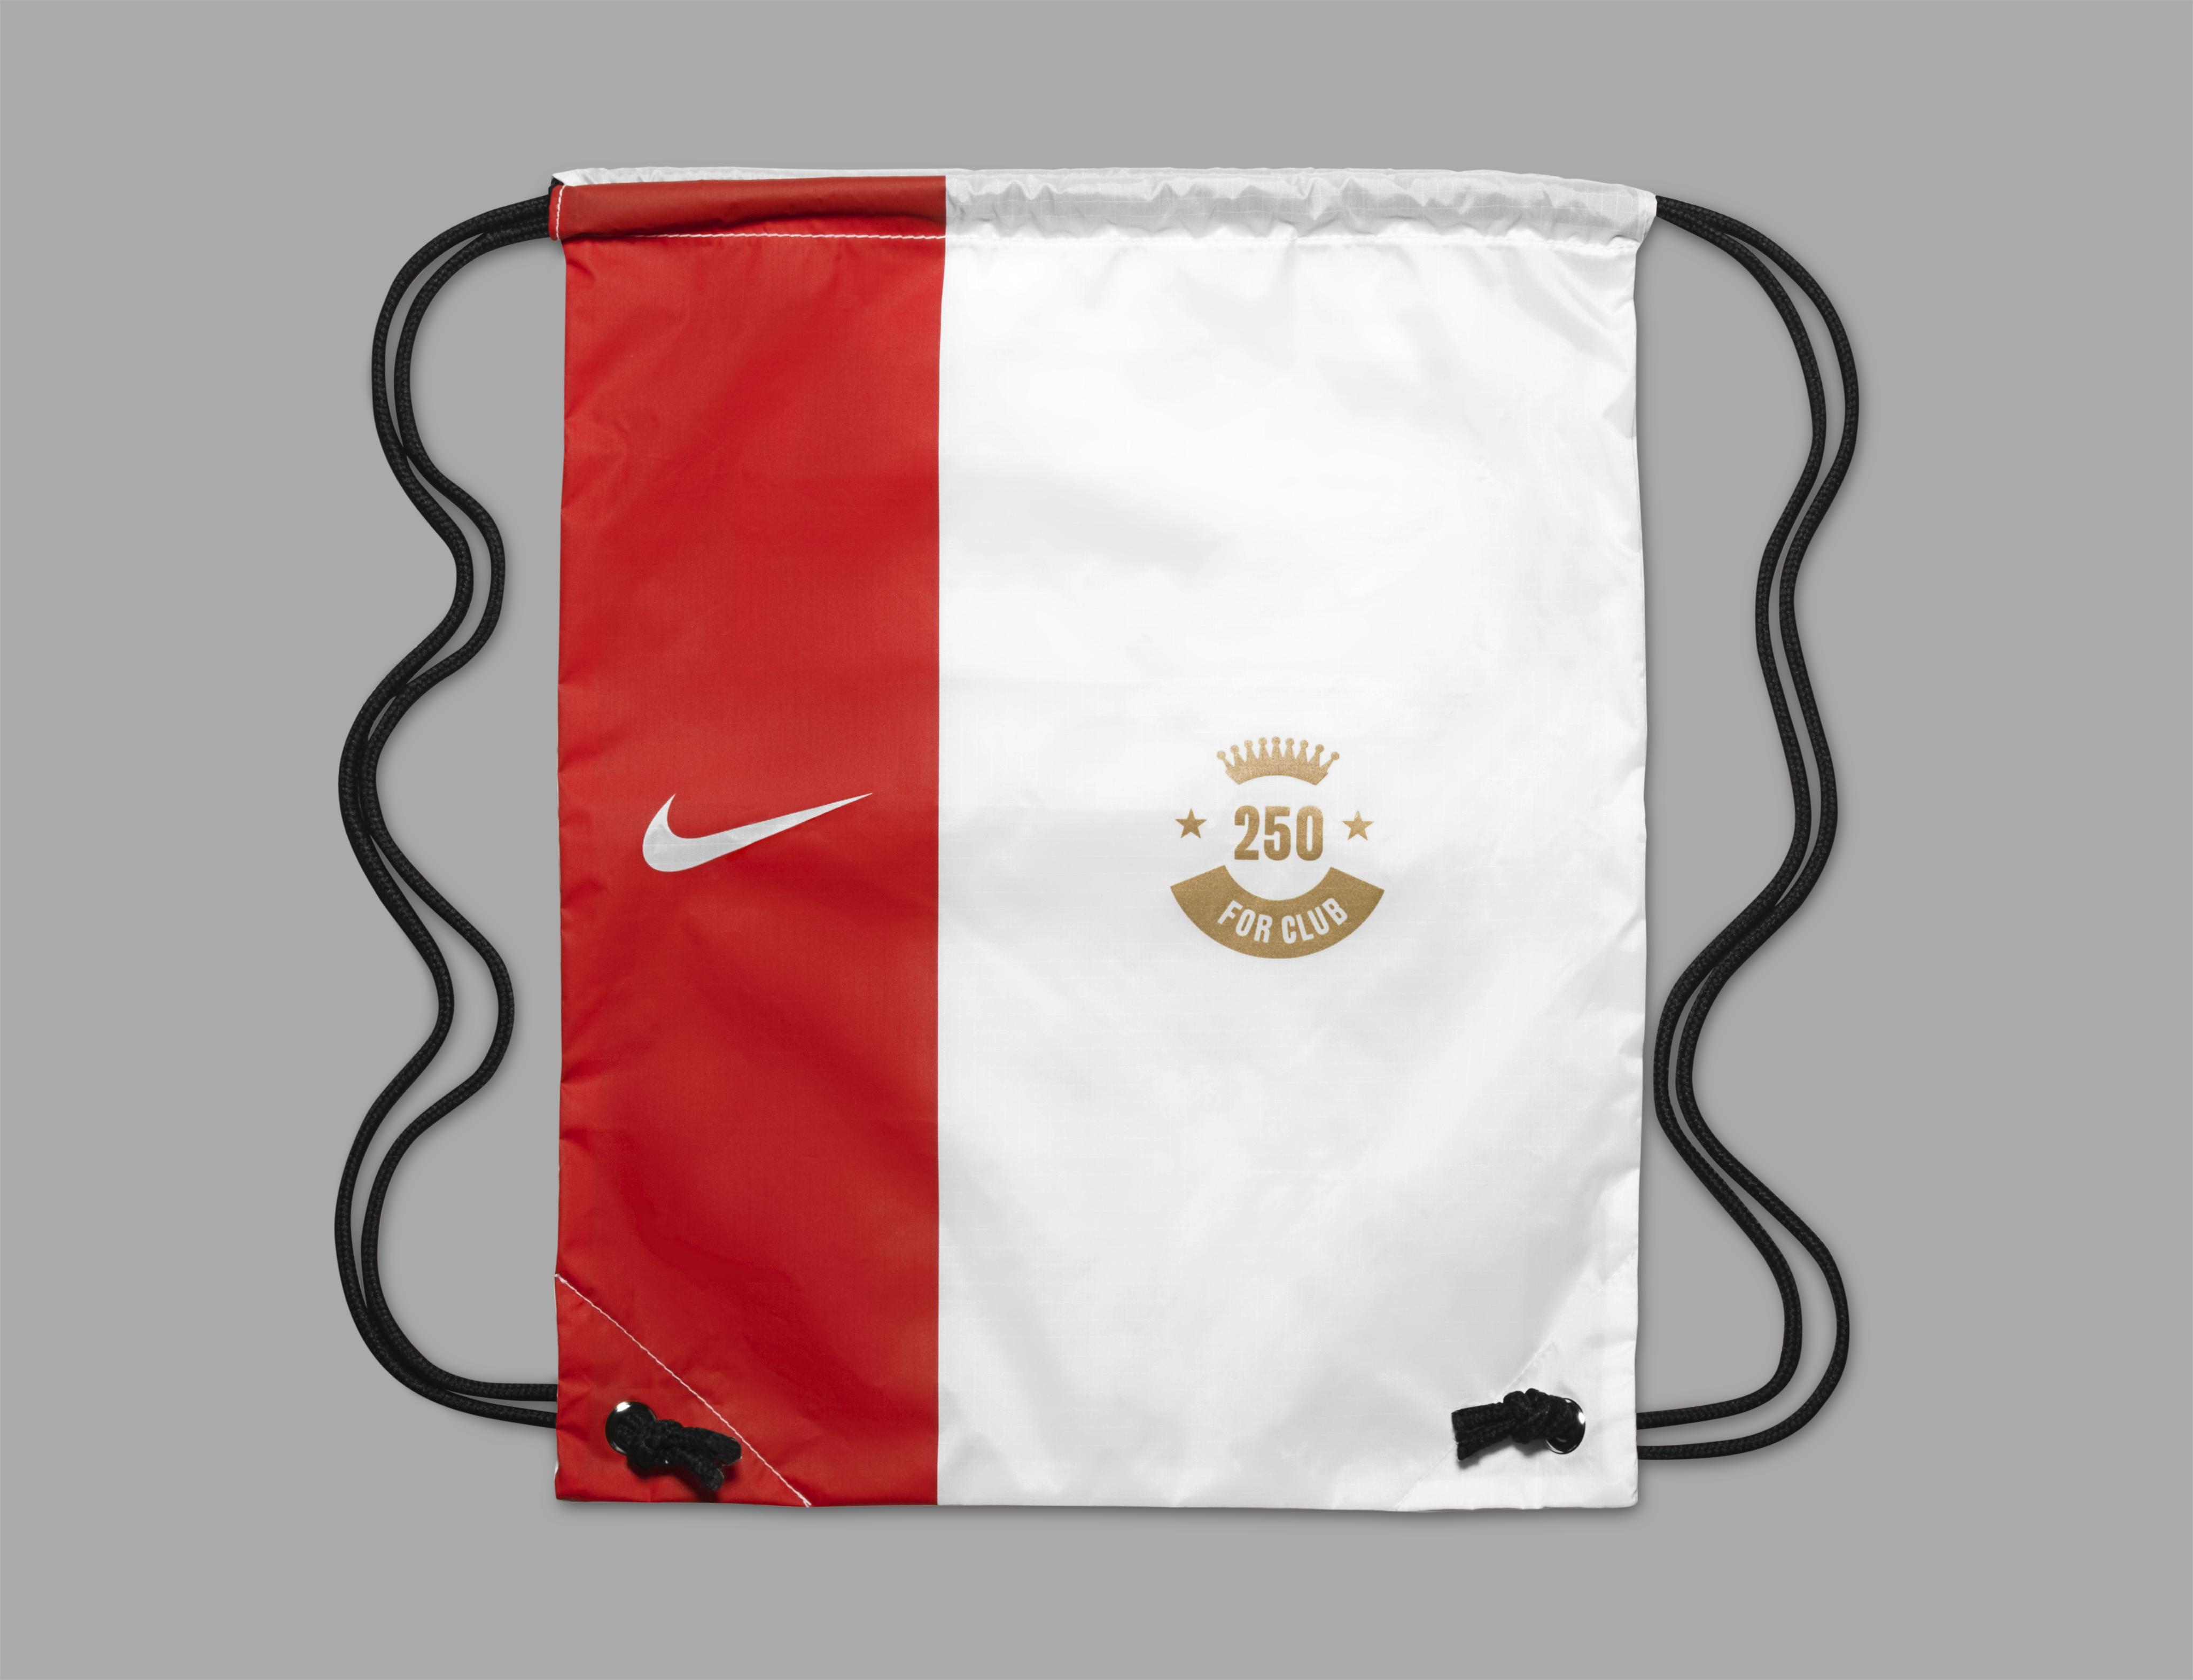 Nike Hypervenom WR250 - Wayne Rooney